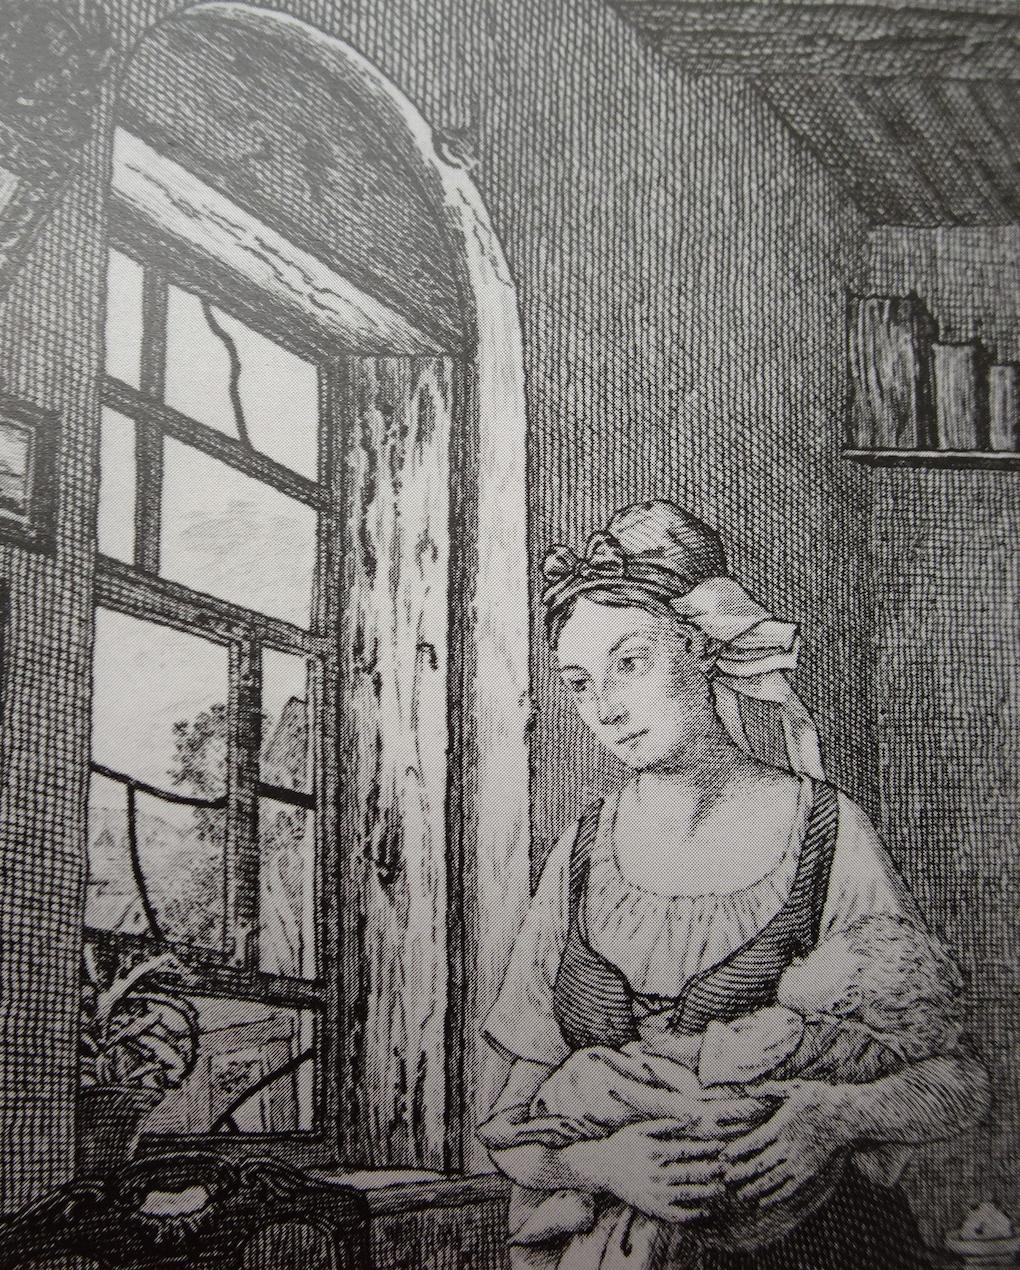 Pötschke według Ludwiga Mosta, Widok przez okno, fragment grafiki według obrazu Oczekująca (Kobieta wyczekująca męża), 1832, miedzioryt, akwaforta na papierze, rycina reprodukcyjna, Muzeum Narodowe w Szczecinie